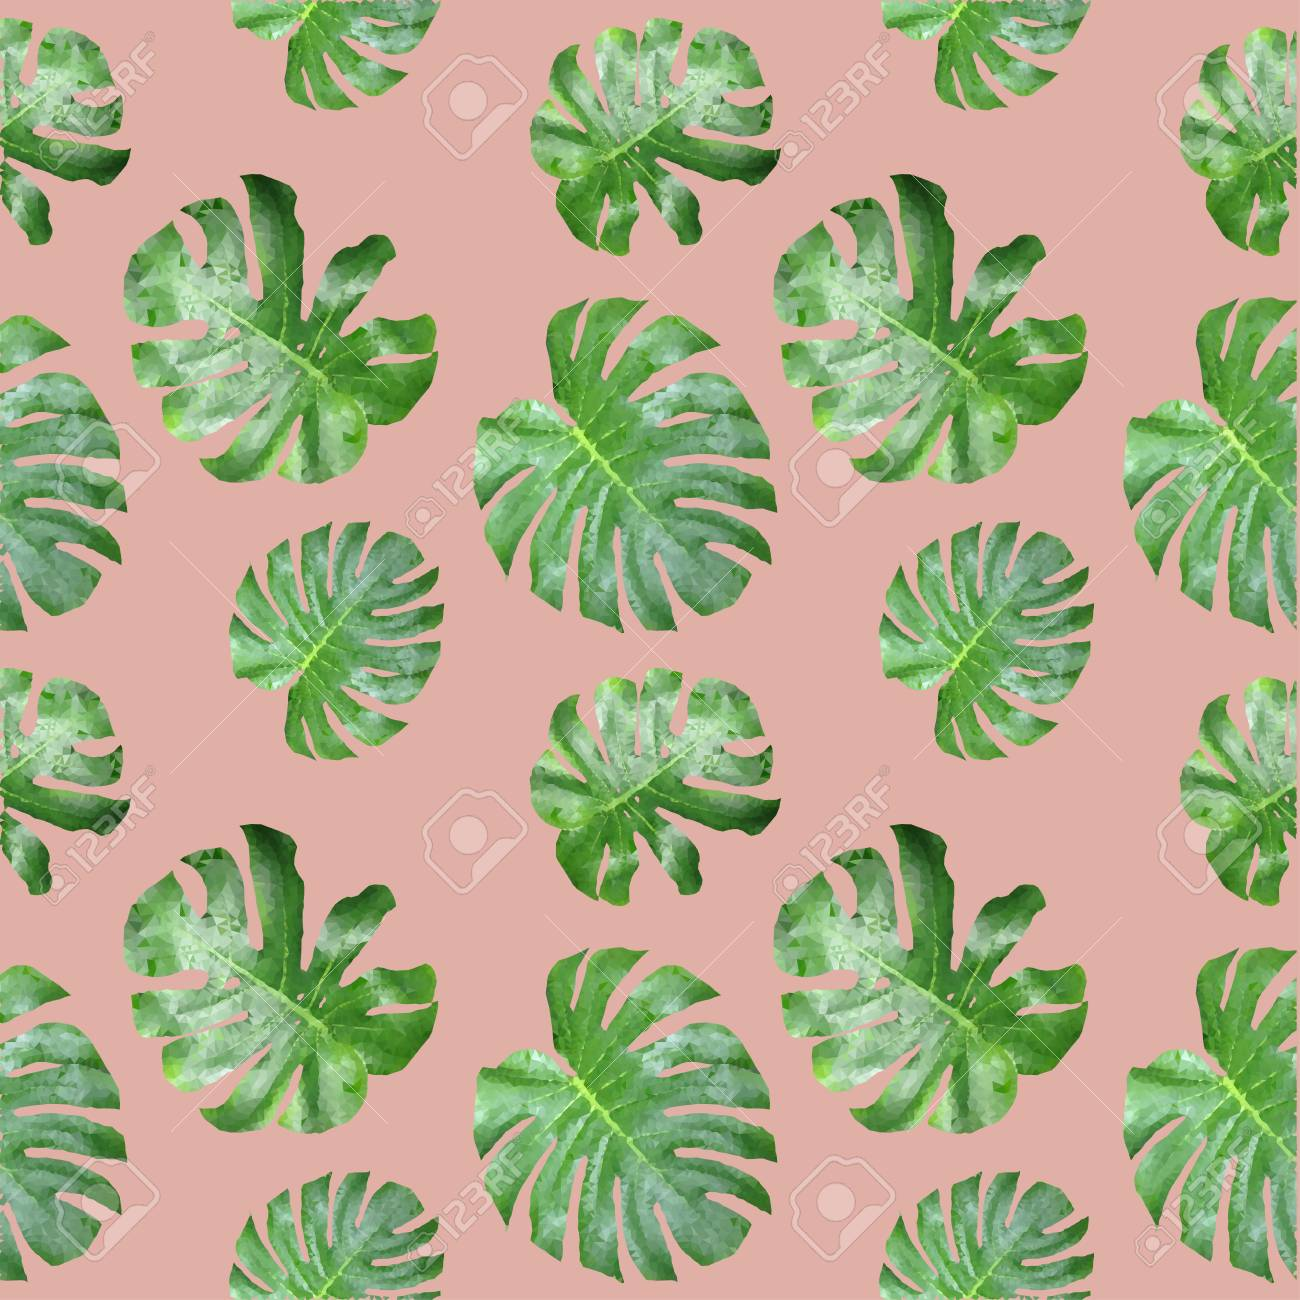 Polygones Tropicaux De Modele Sans Couture De Feuille Verte Plantent